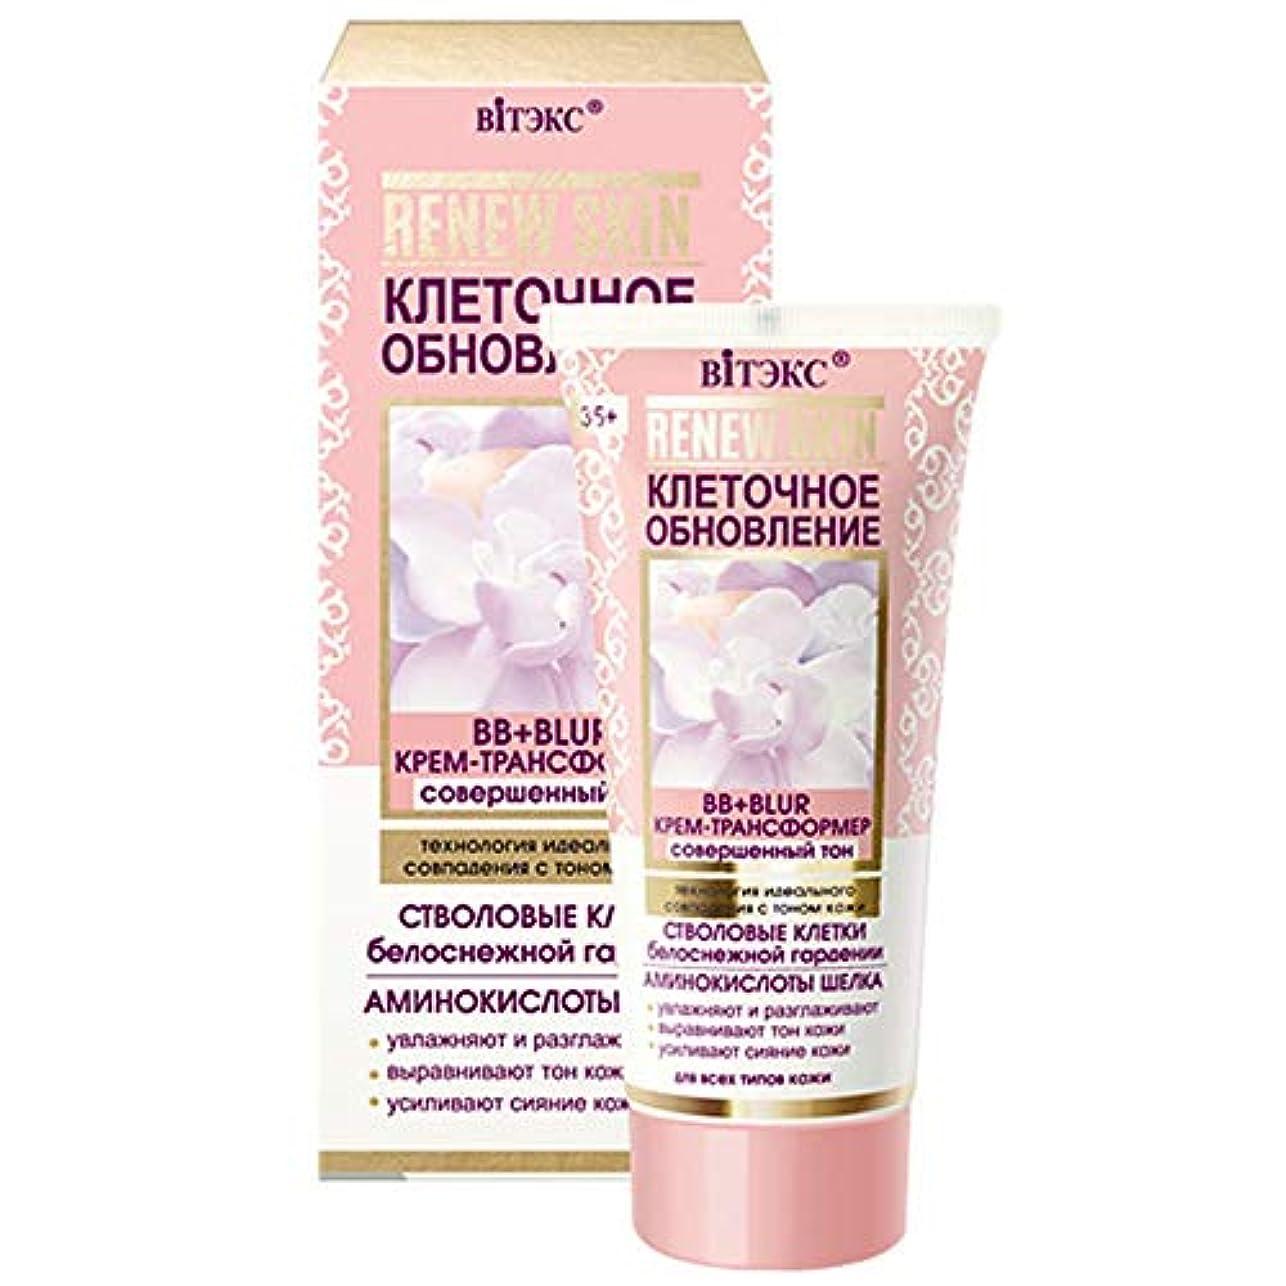 歩道ハウス罰Bielita & Vitex | RENEW SKIN | BB + BLUR CREAM-TRANSFORMER | Perfect tone technology of perfect match with skin...